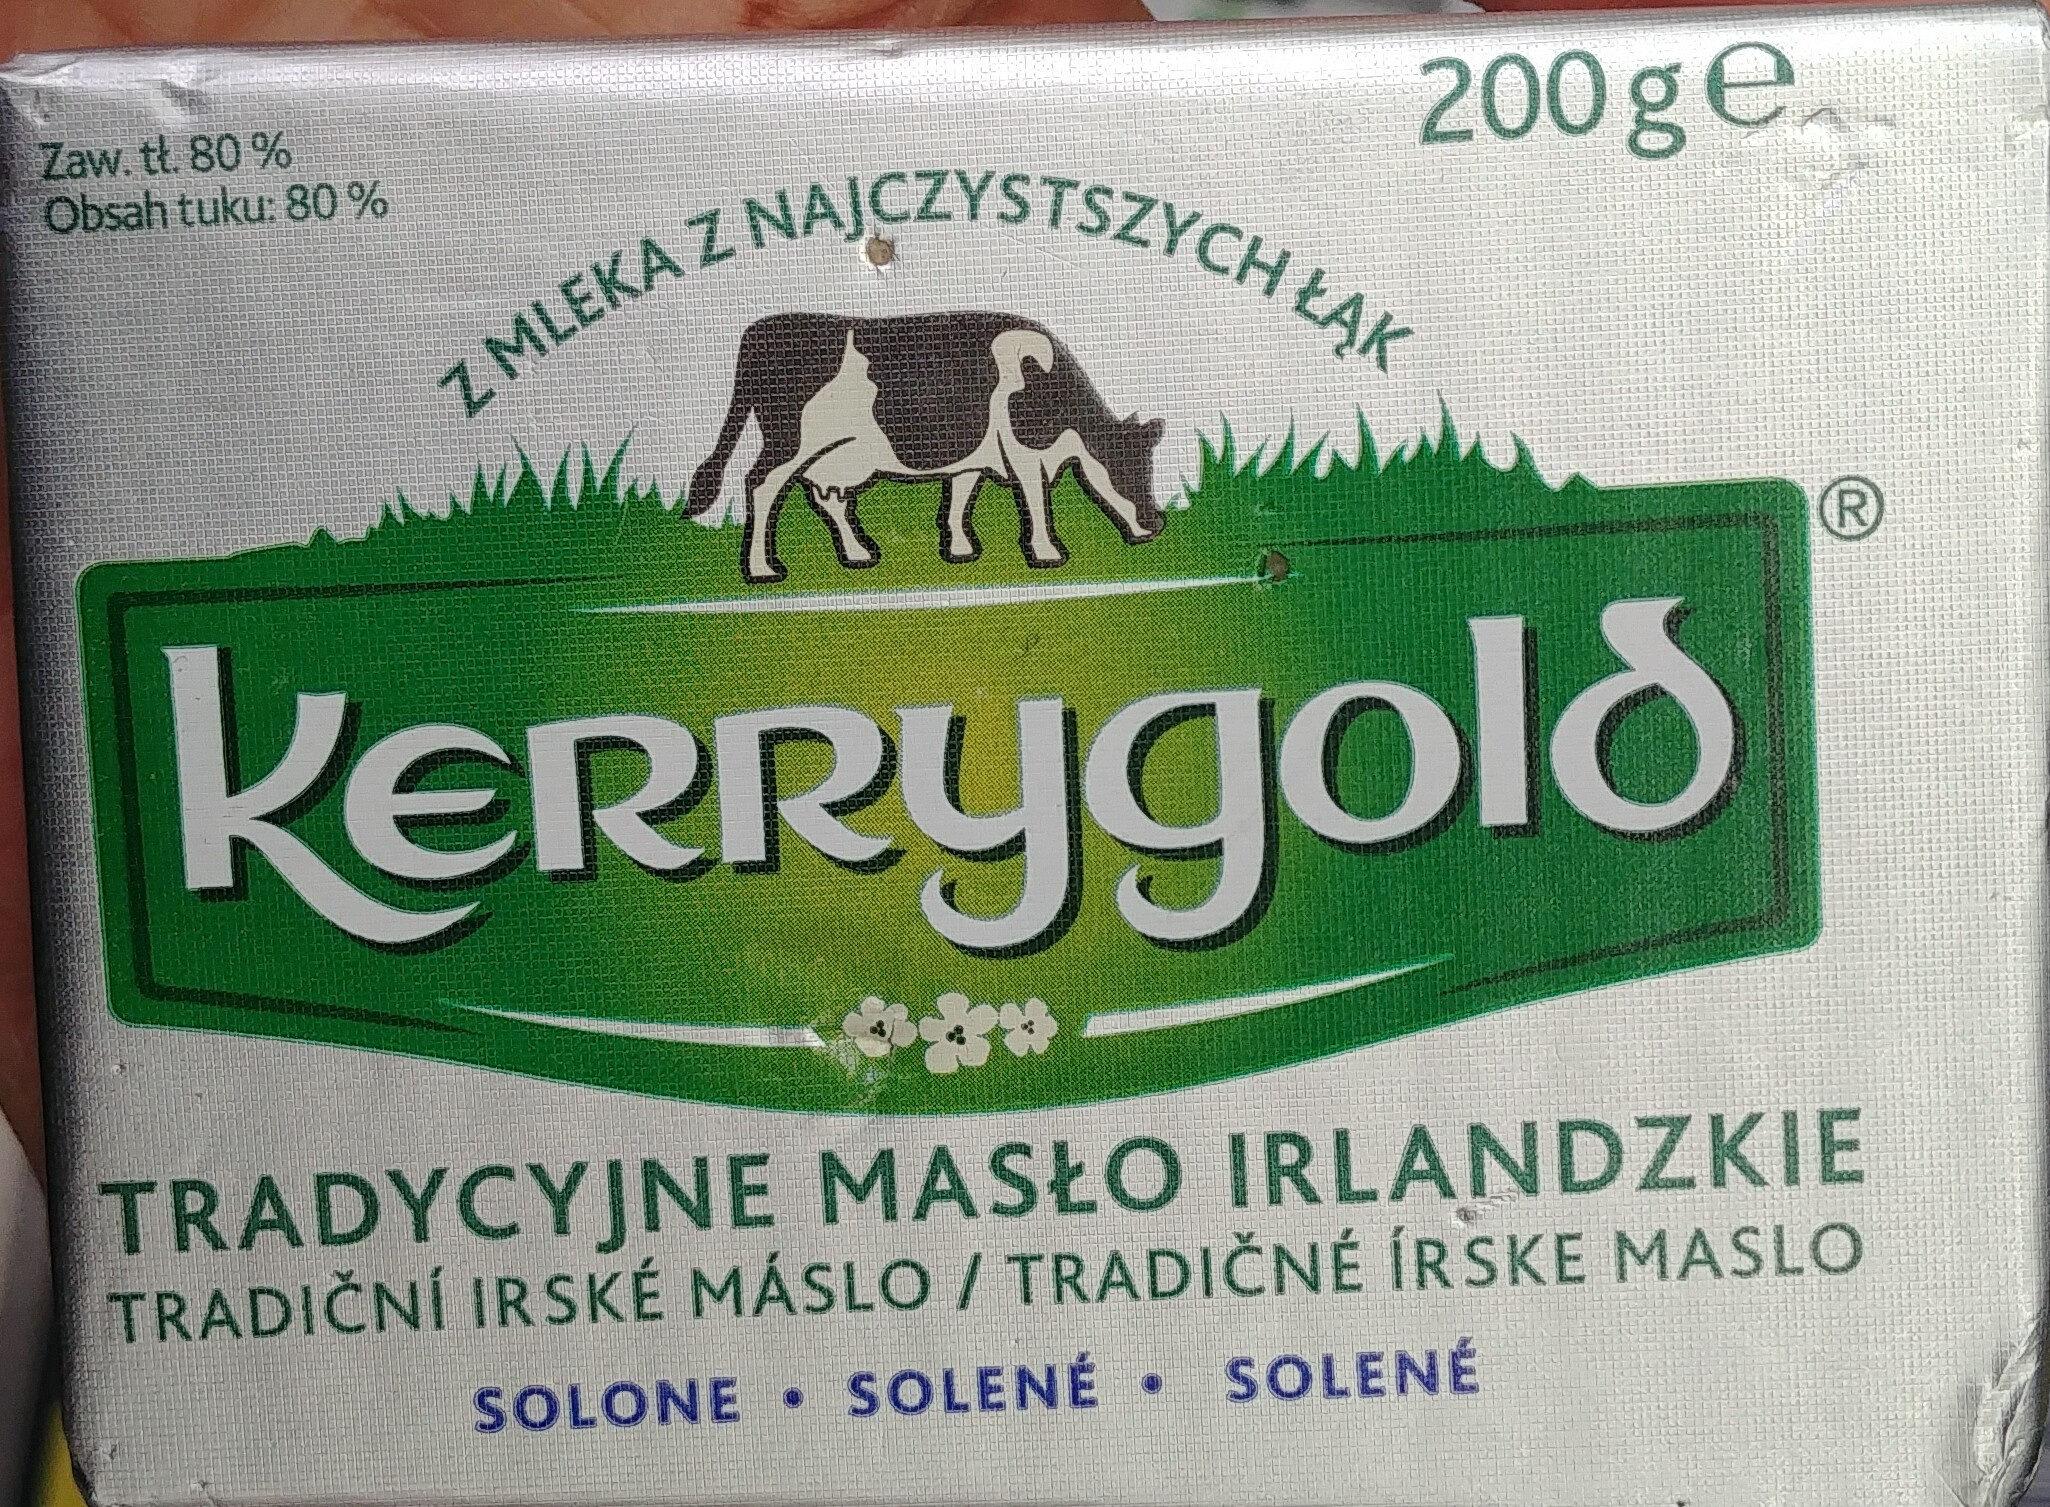 Tradycyjne masło Irlandzkie, solone - Produkt - pl